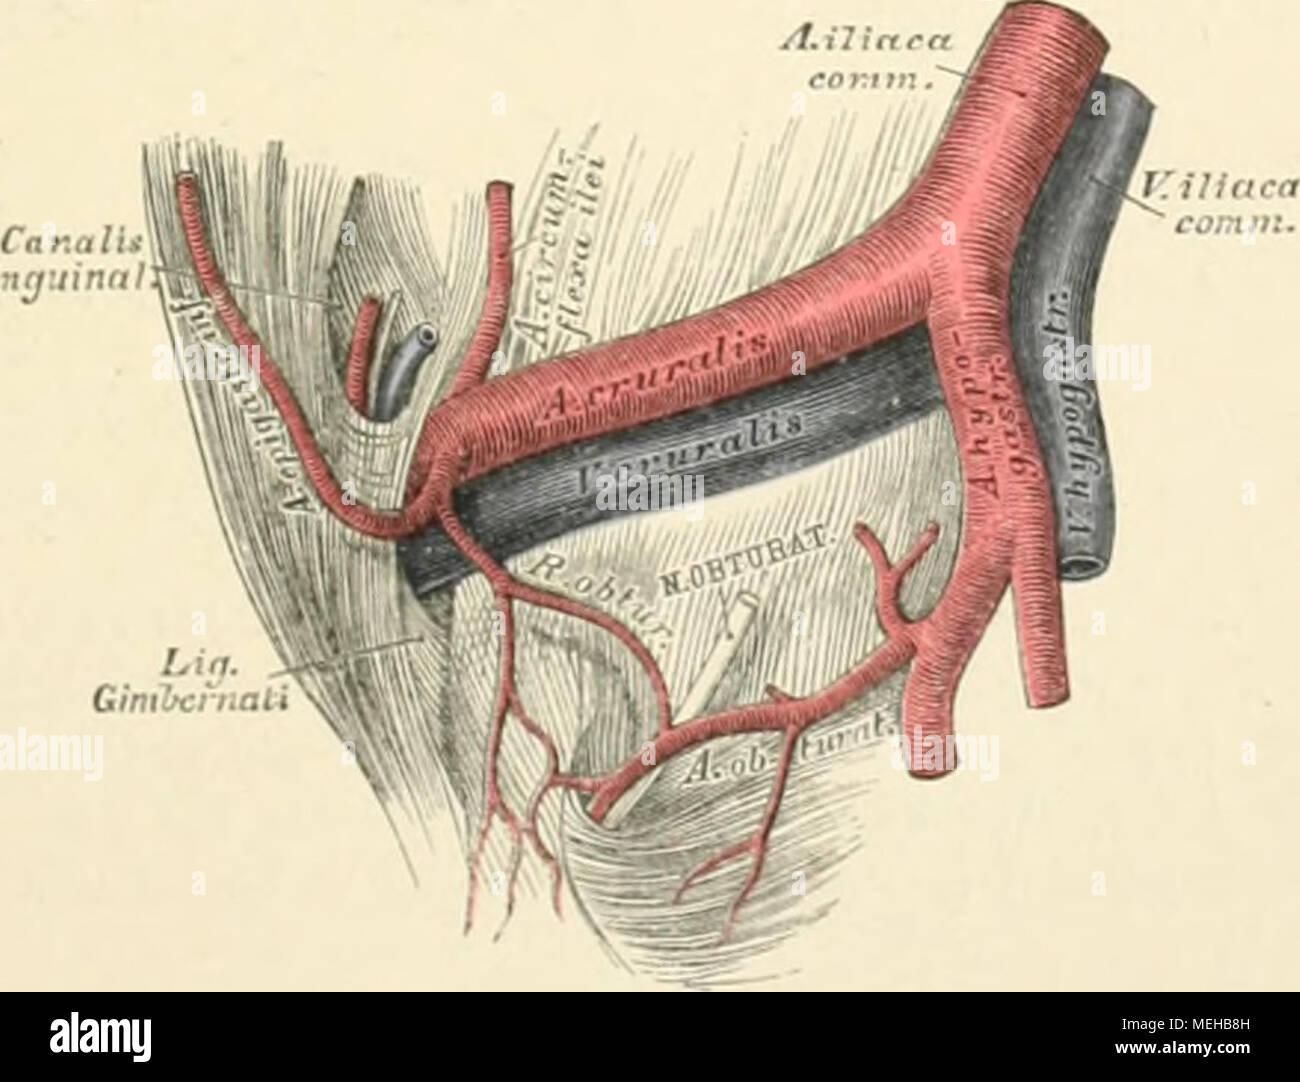 Niedlich Anatomie Des Gastrointestinaltrakts Fotos - Anatomie Ideen ...